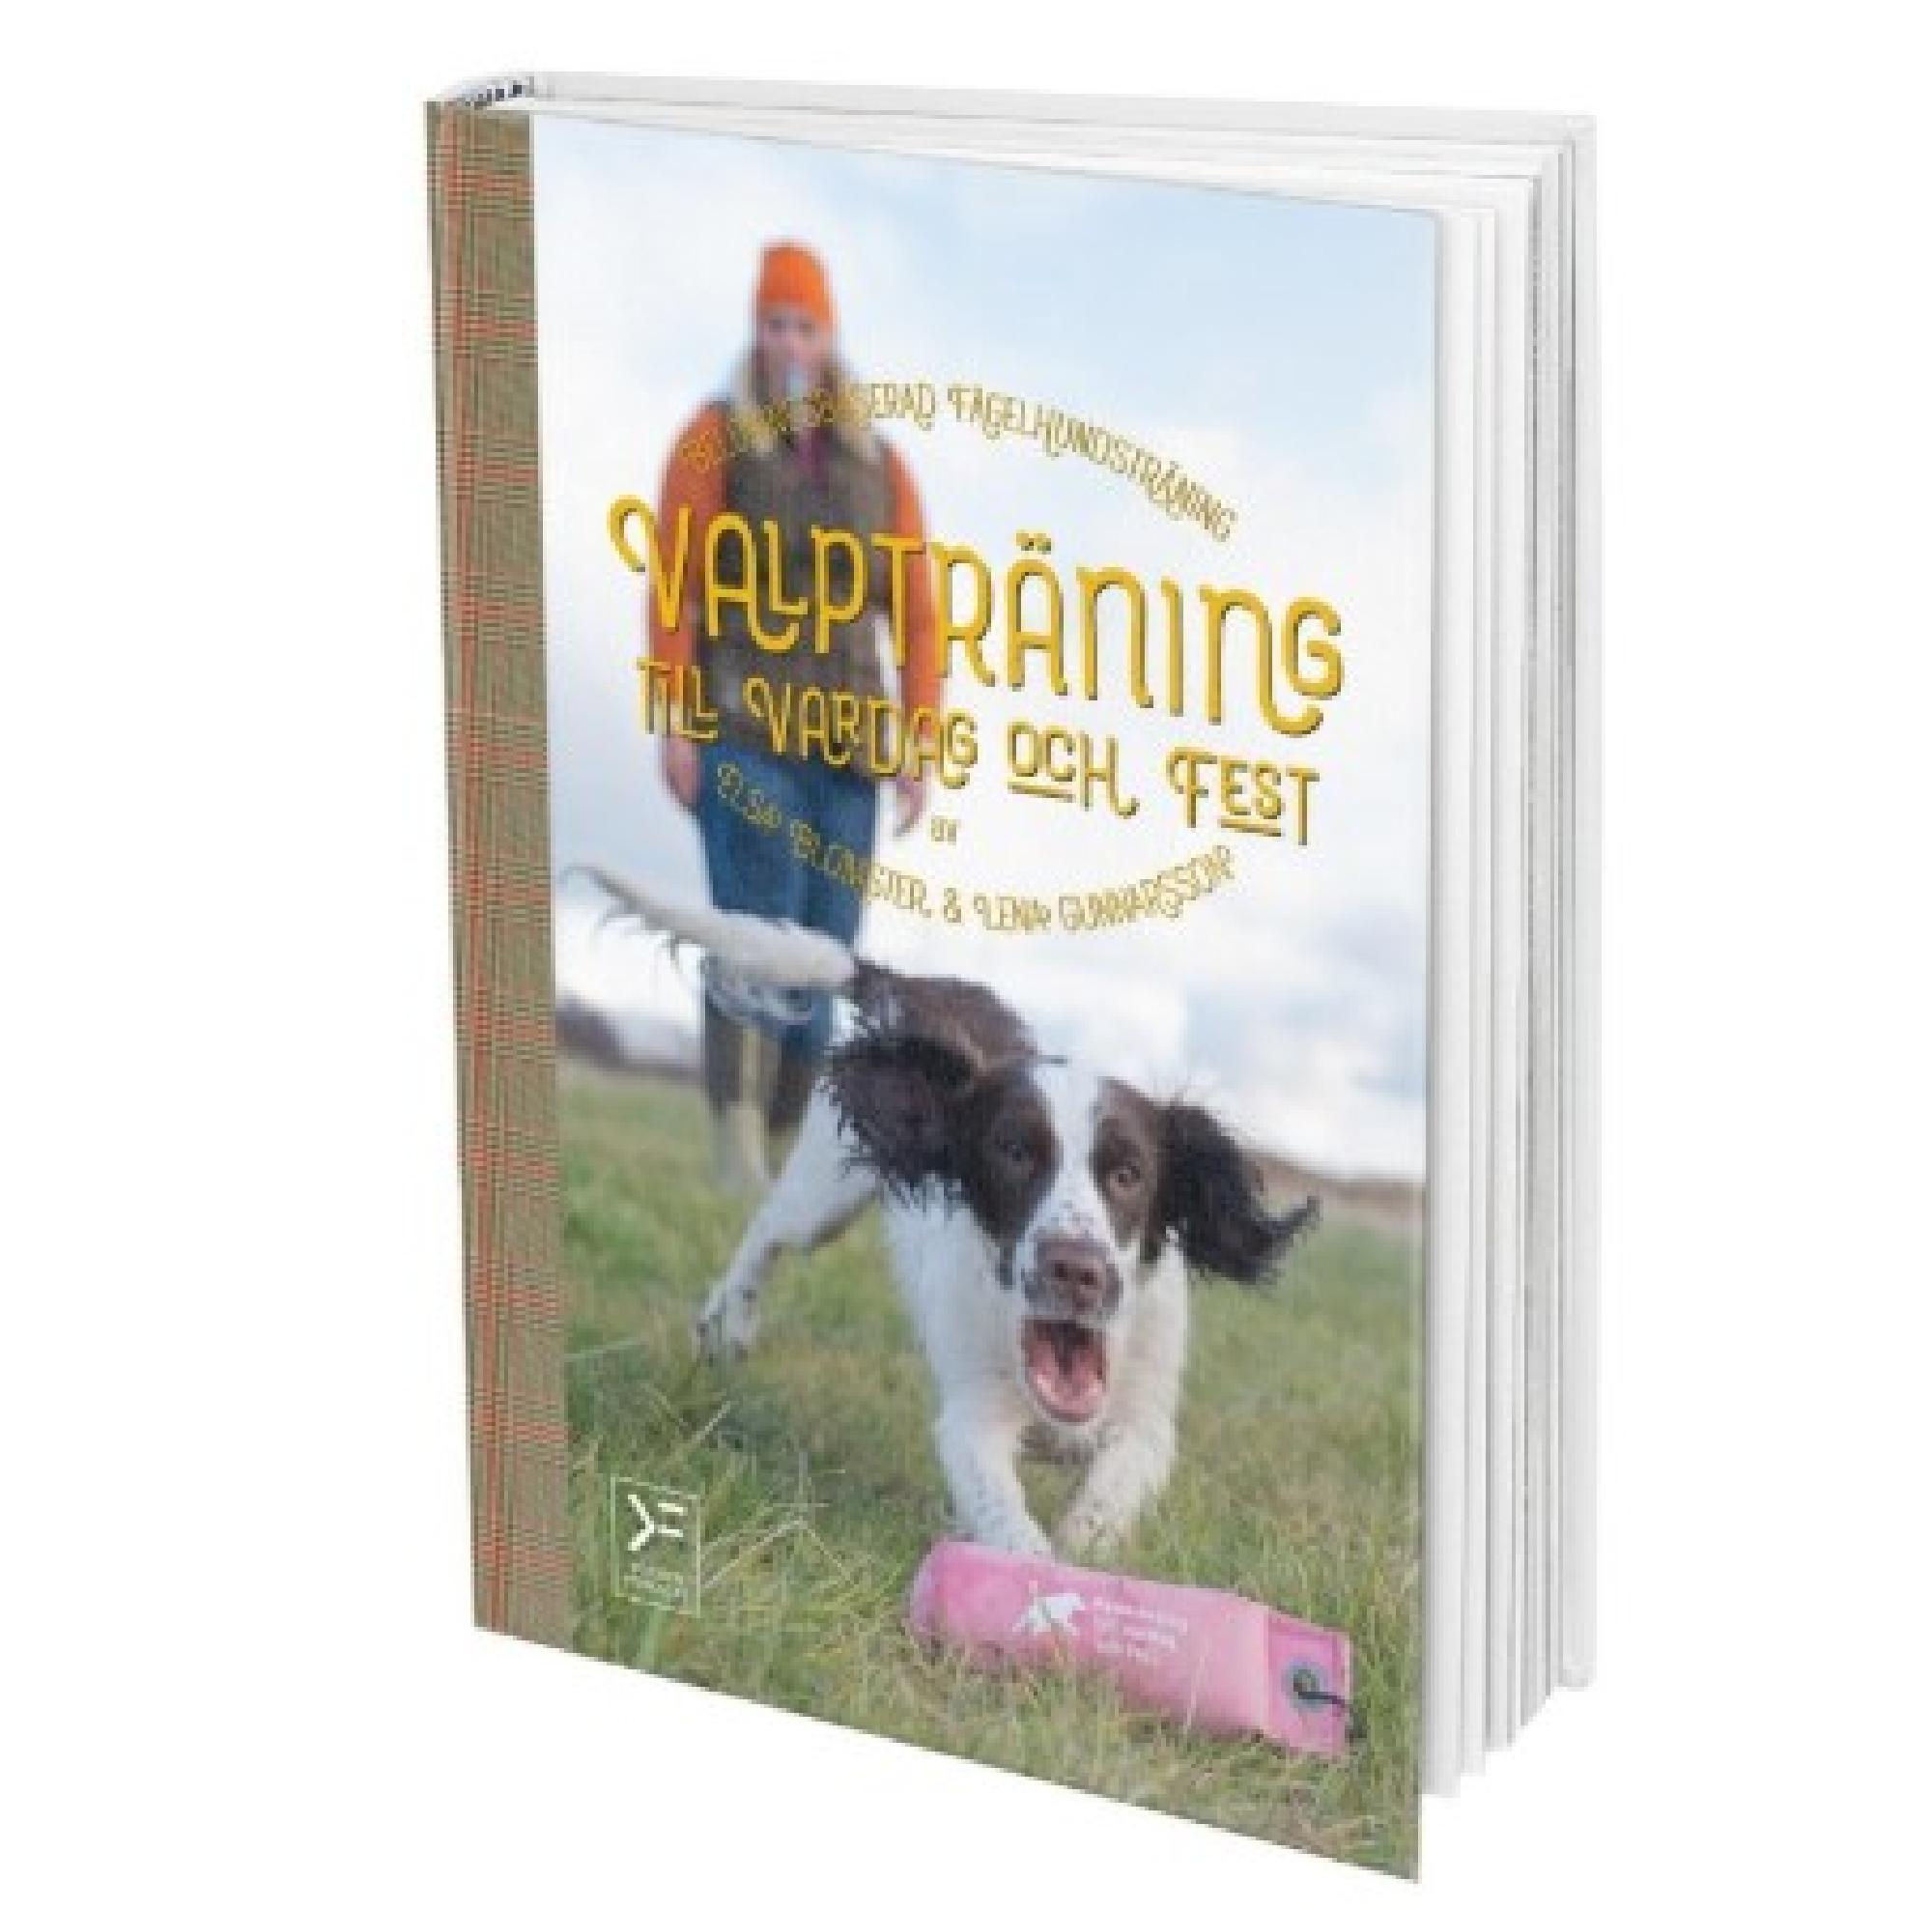 Valpträning till vardag och fest – belöningsbaserad fågelhundsträning